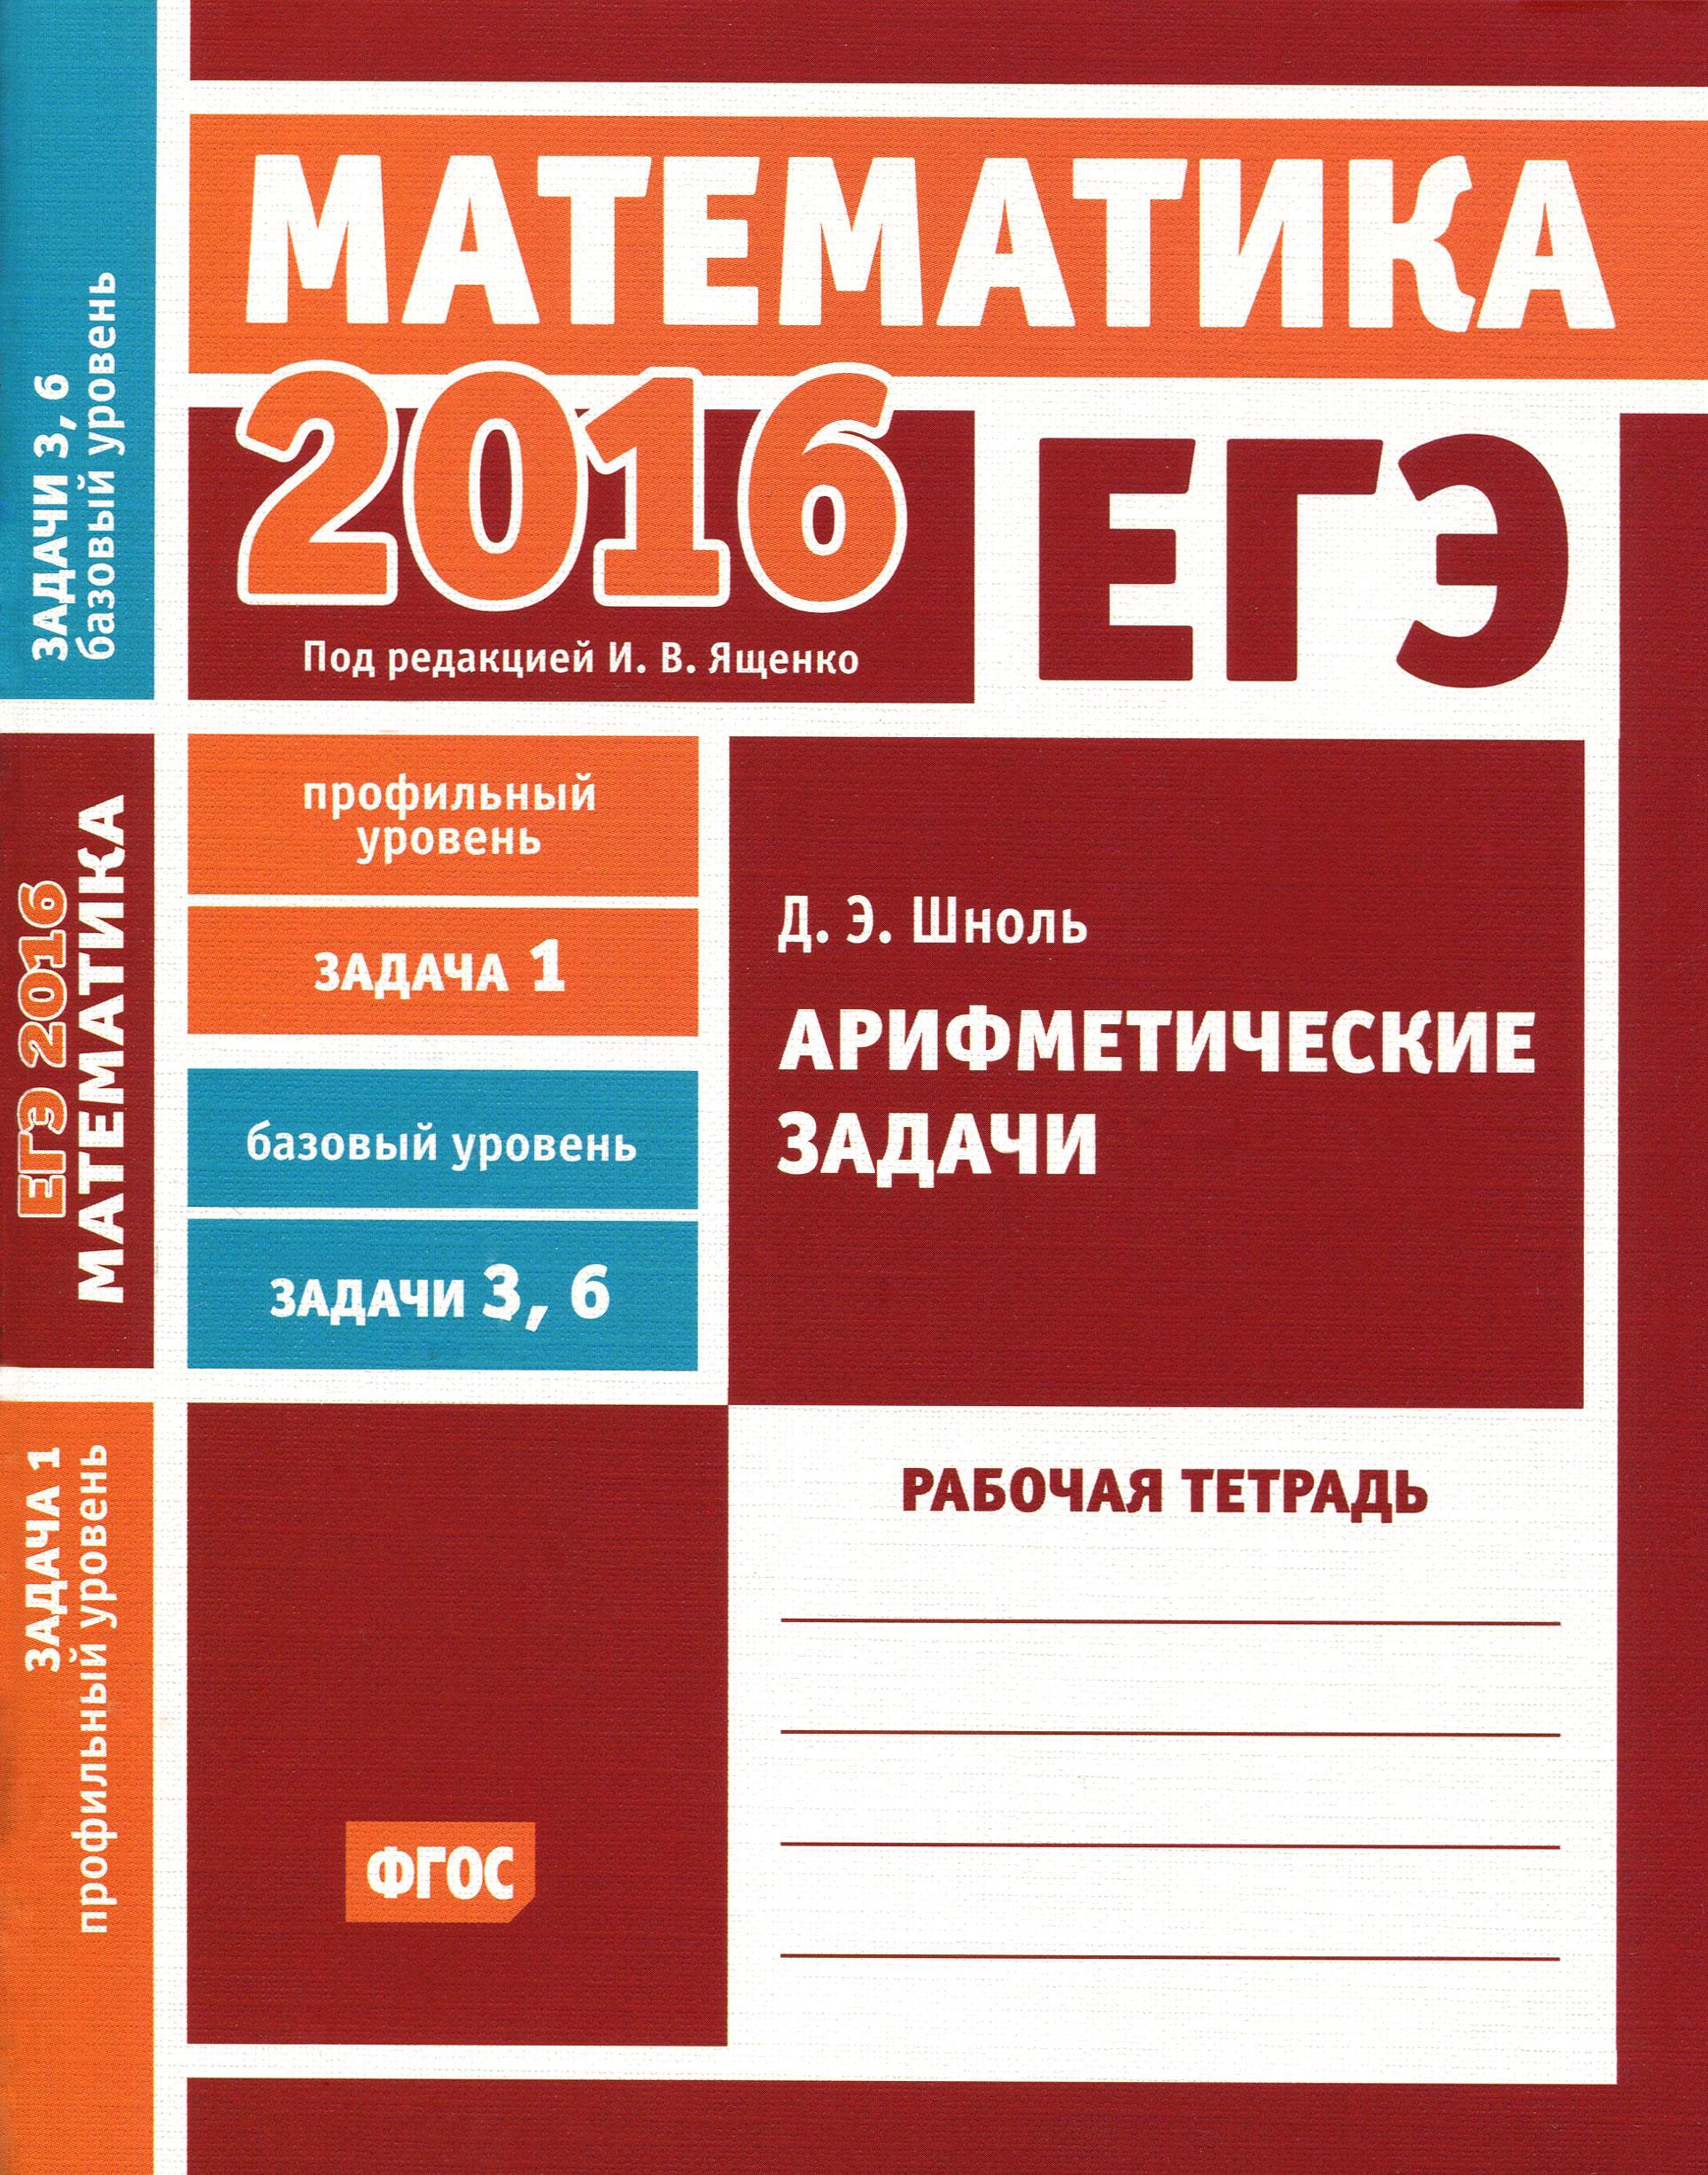 ЕГЭ 2016. Математика. Задача 1. Профильный уровень. Задача 3, 6. Базовый уровень. Арифметические задачи. Рабочая тетрадь